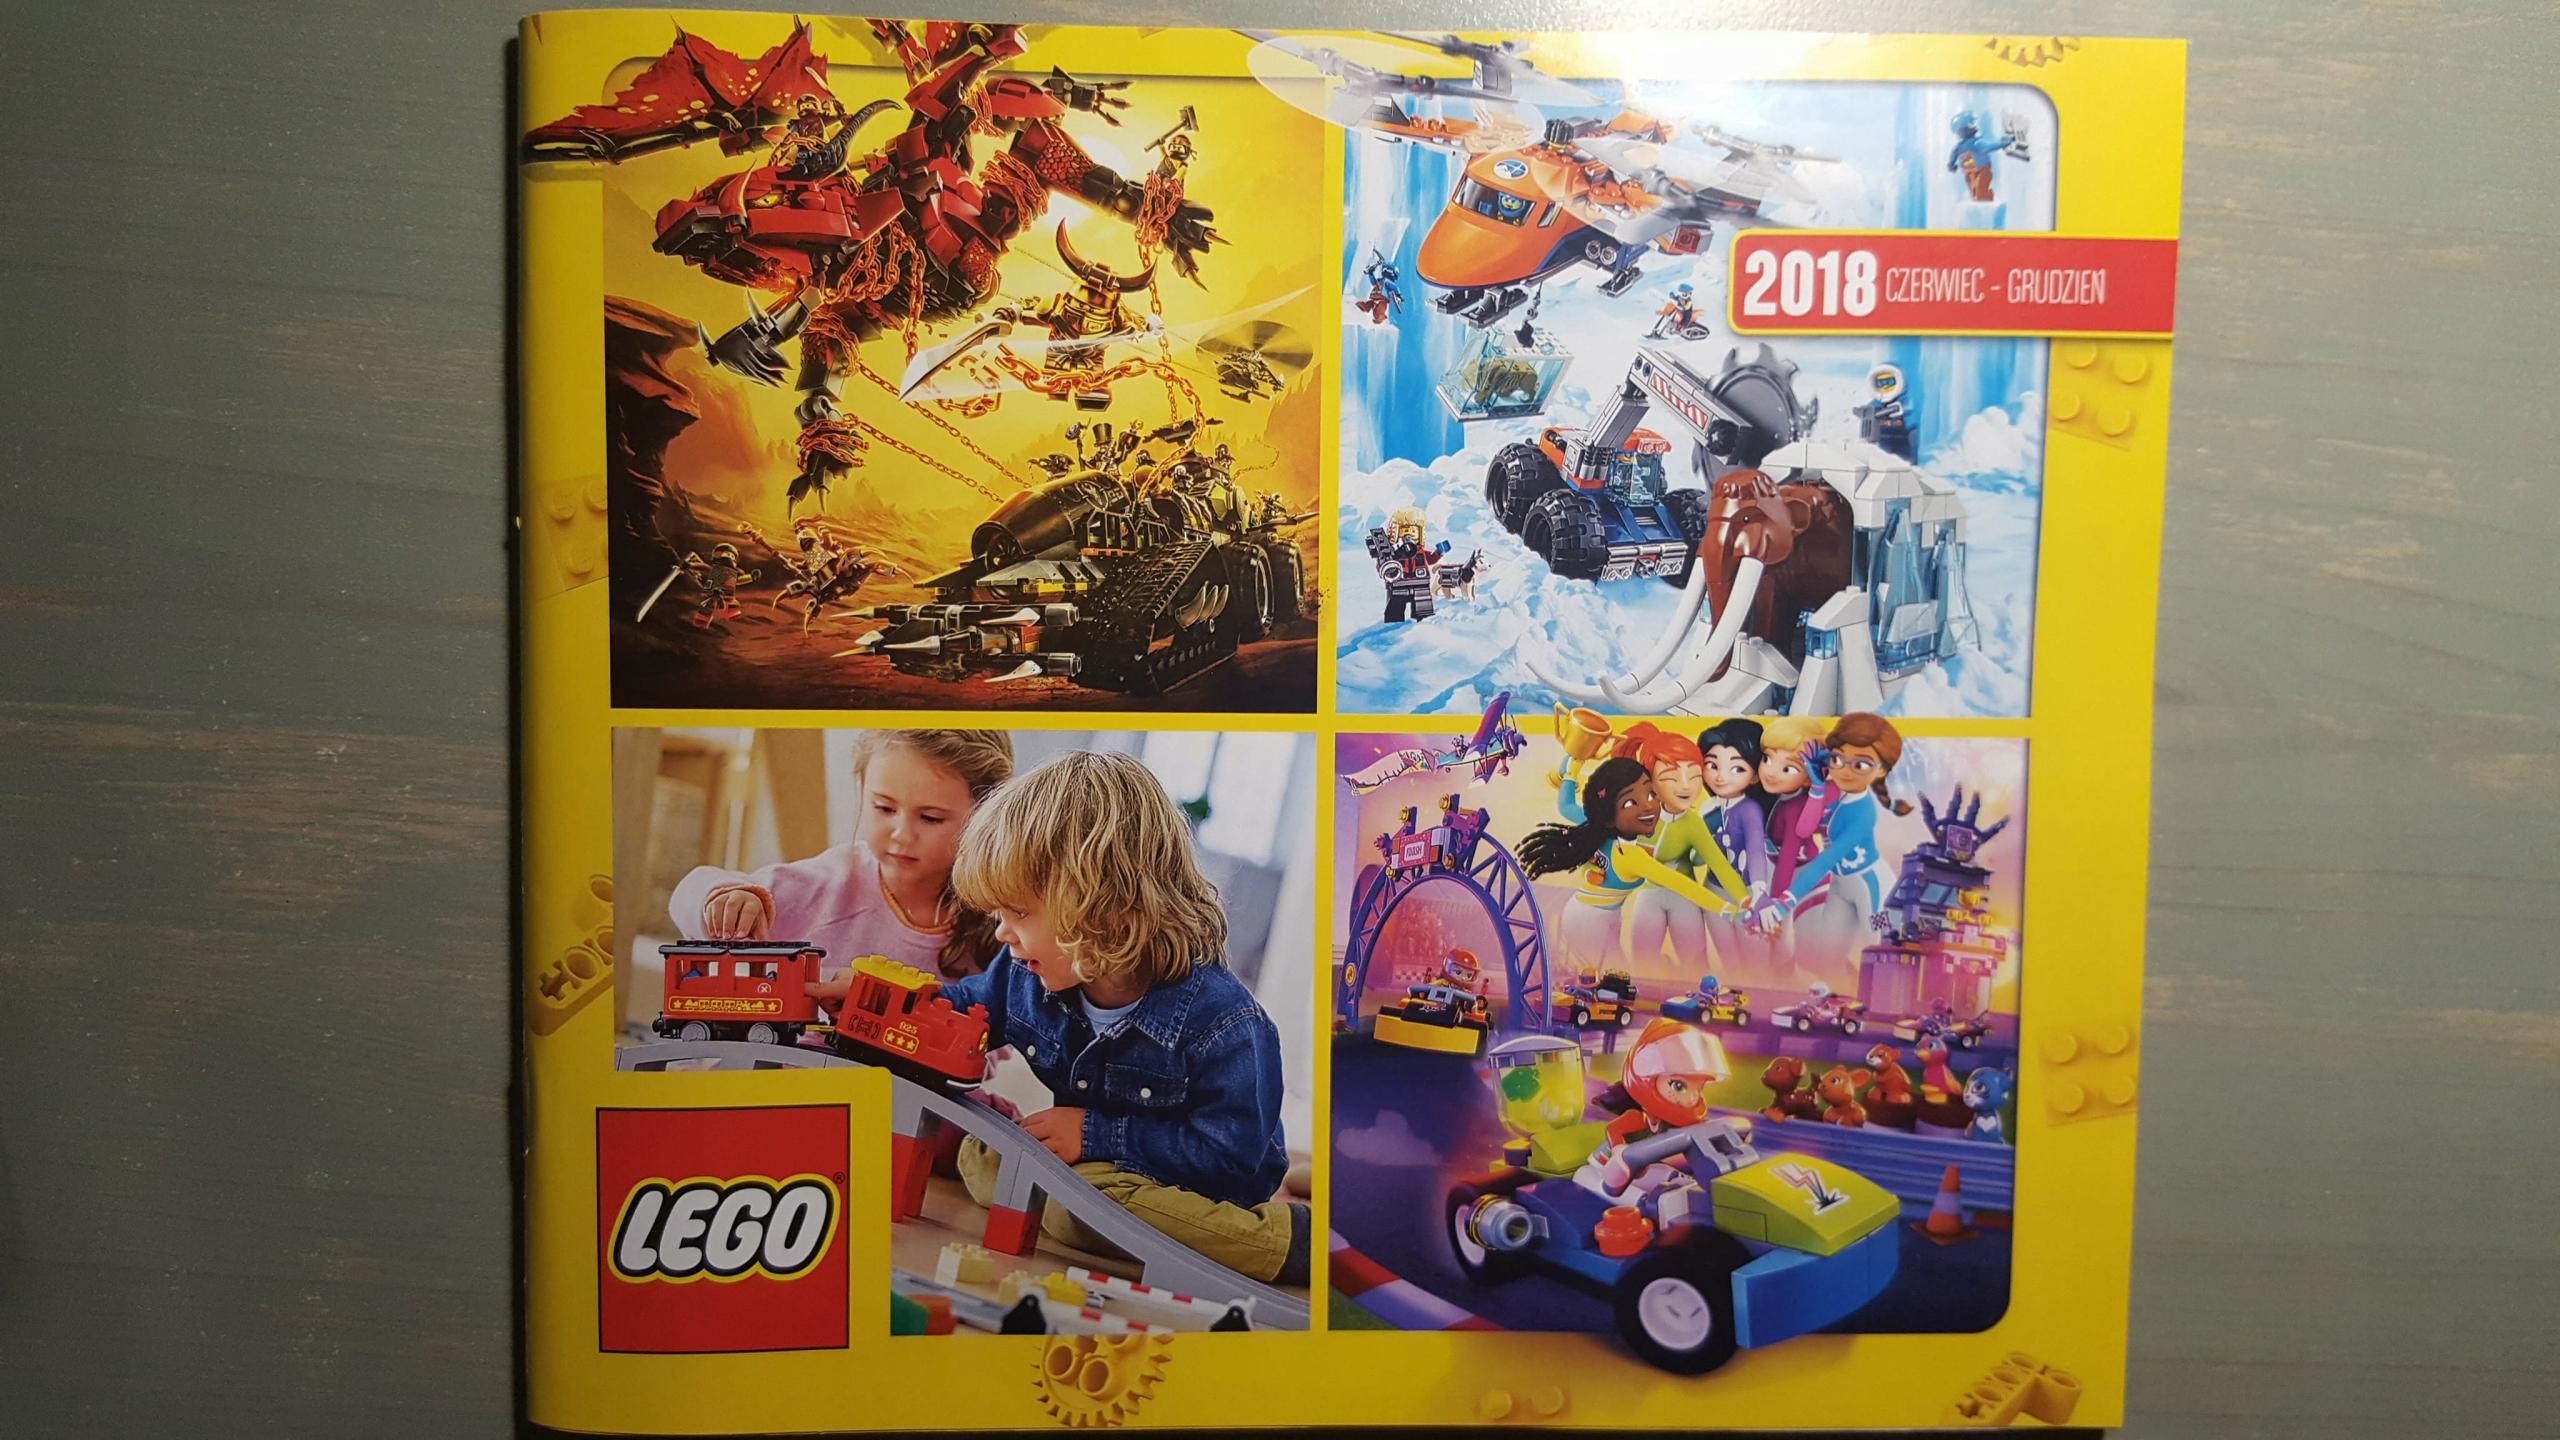 Katalog Lego 2018 Czerwiec Grudzień Najnowszy 7449175818